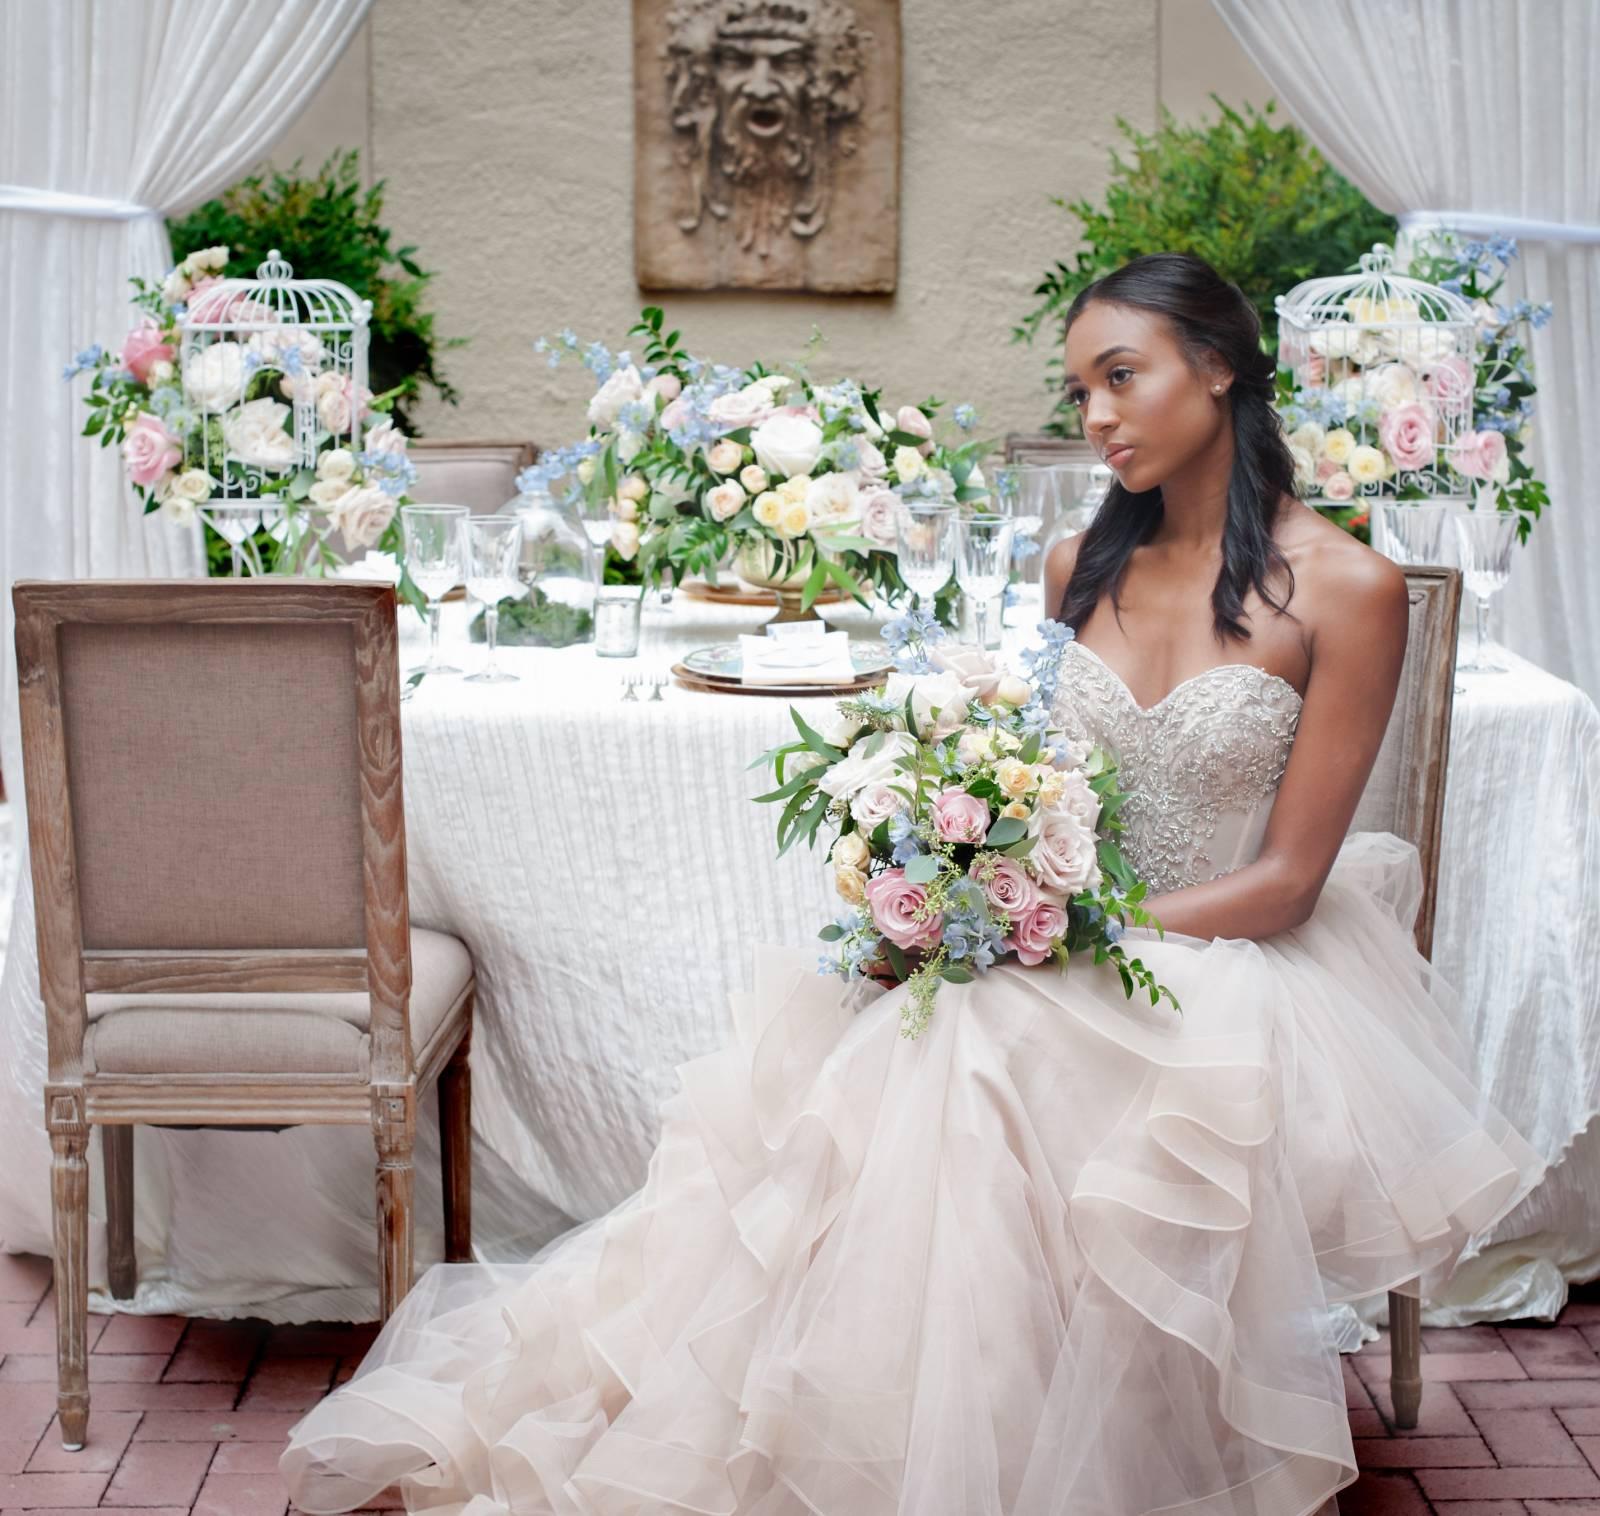 Courtyard Wedding Styled Shoot | Washington Styled Shoot